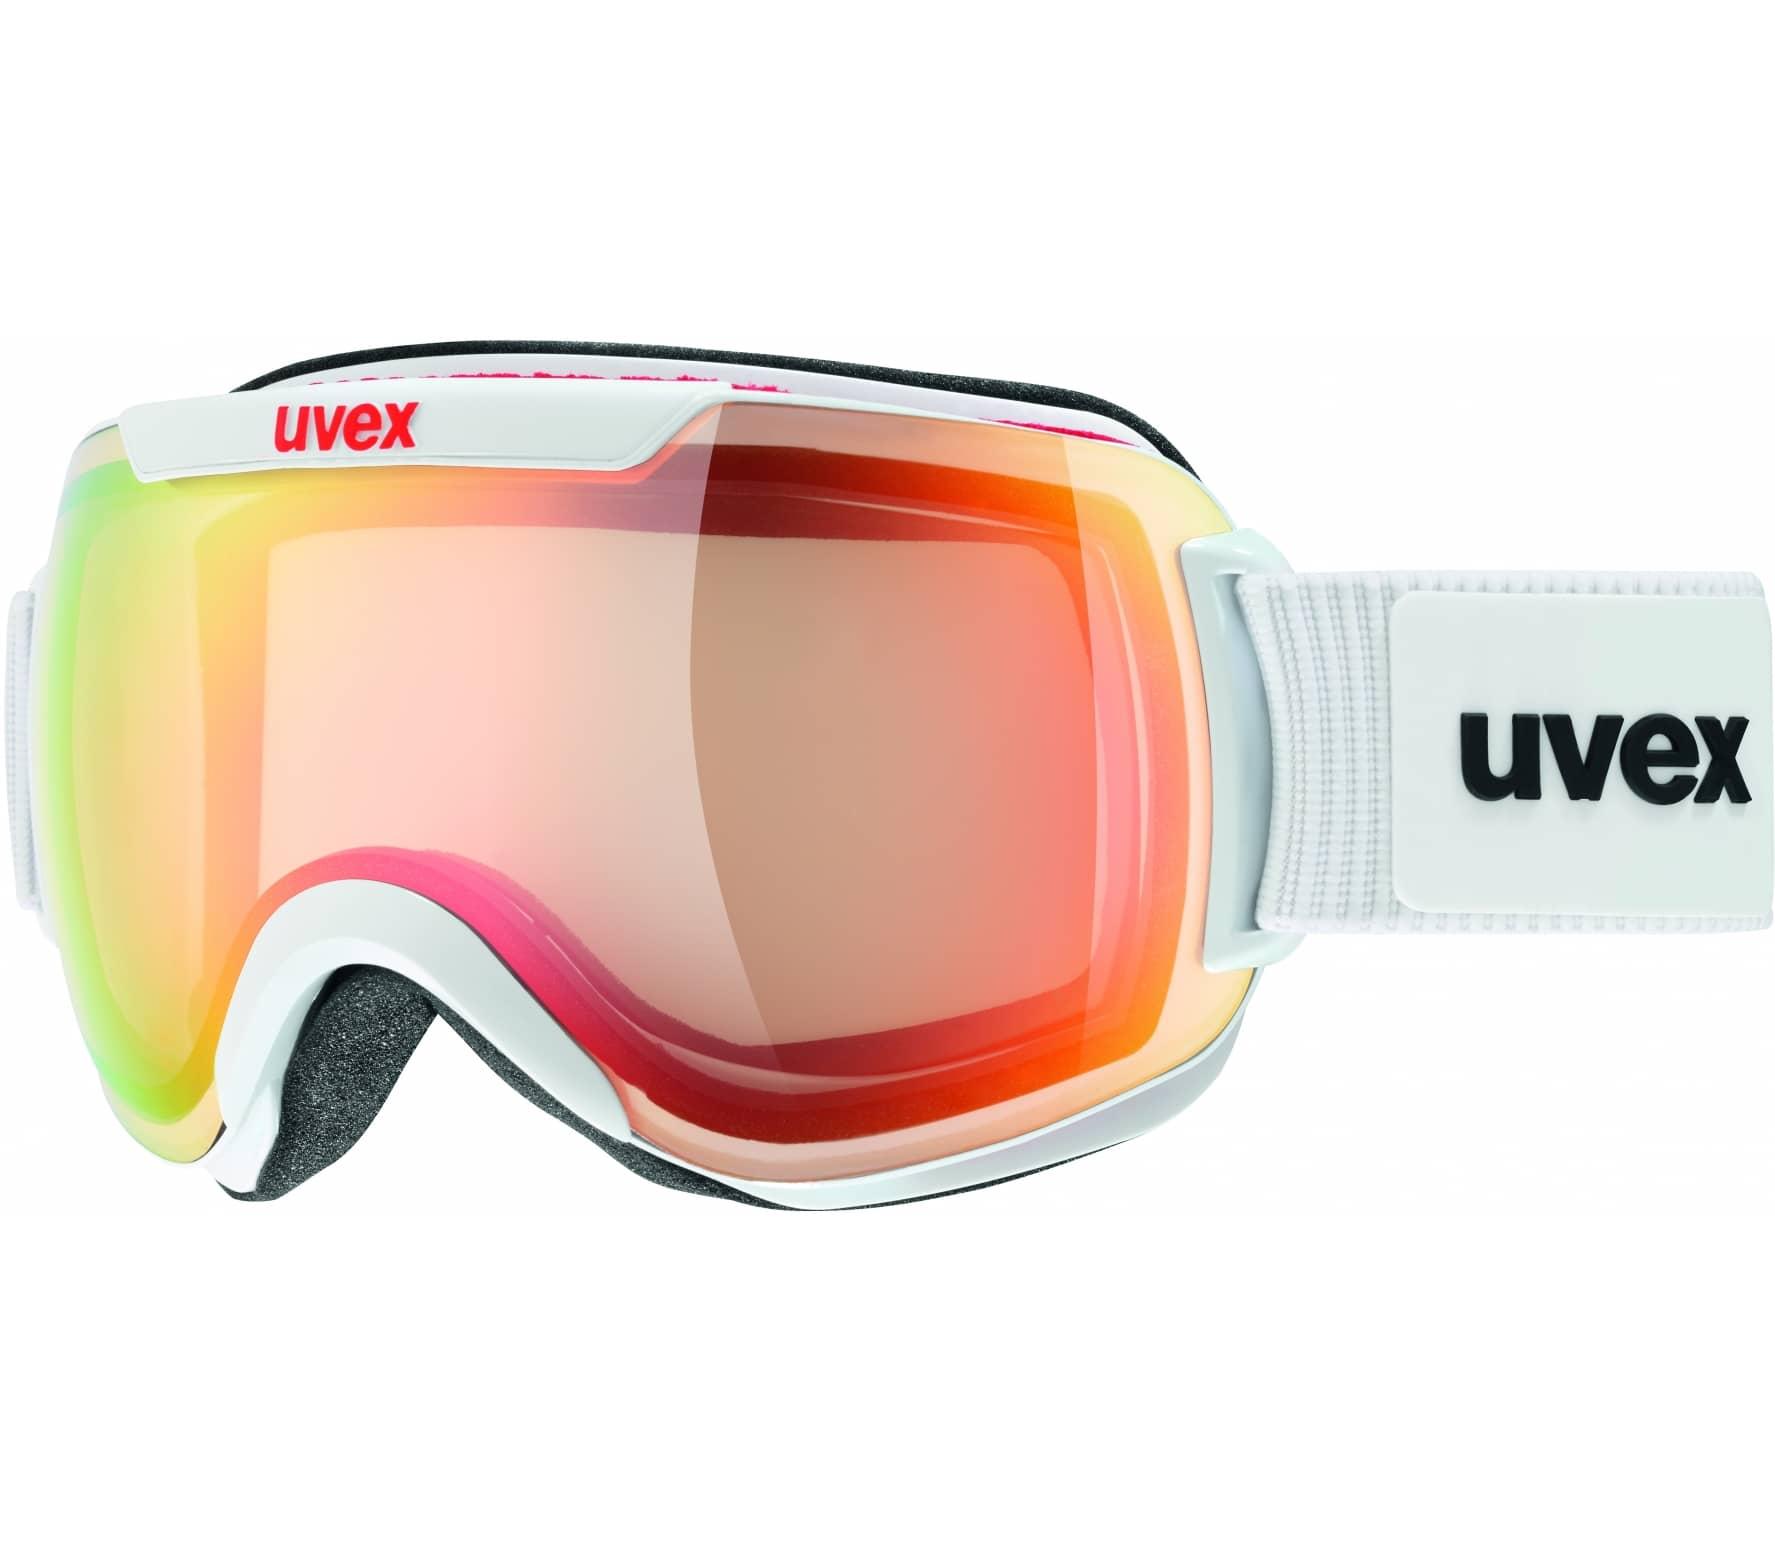 Uvex - Downhill 2000 Vfm Skibrille (weiß)